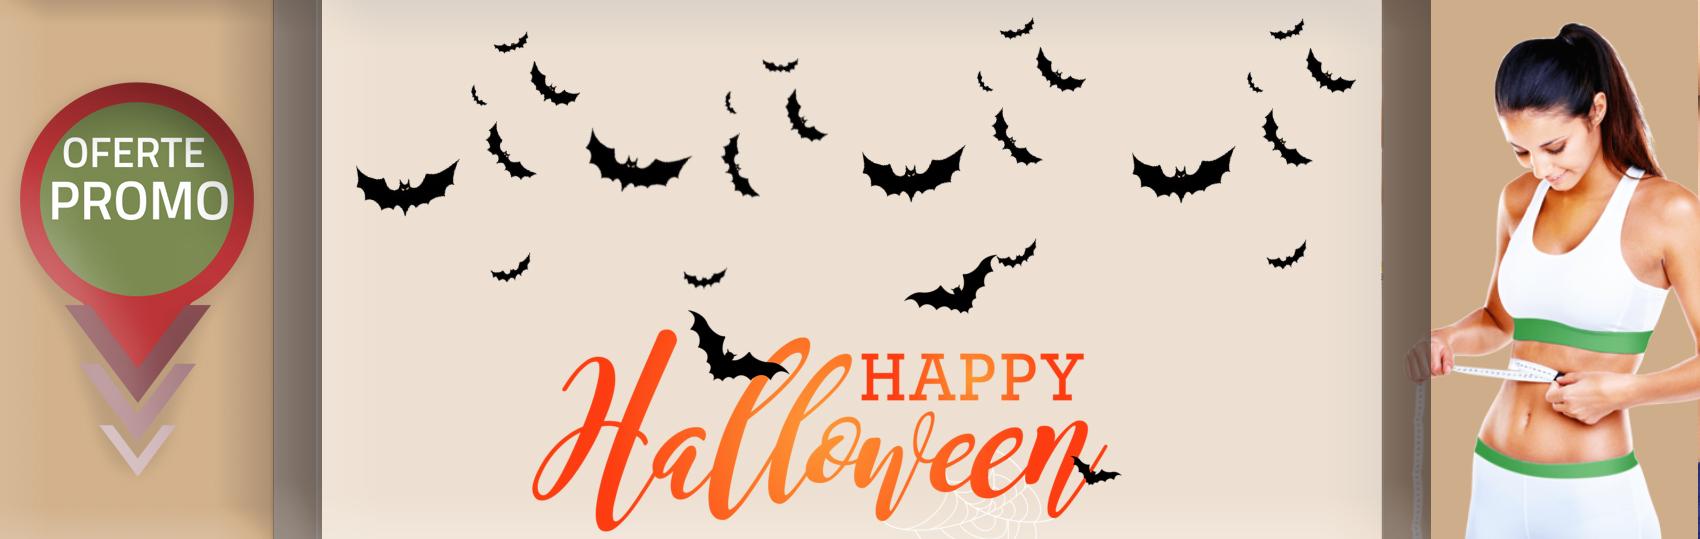 Boo Hoo Halloween!